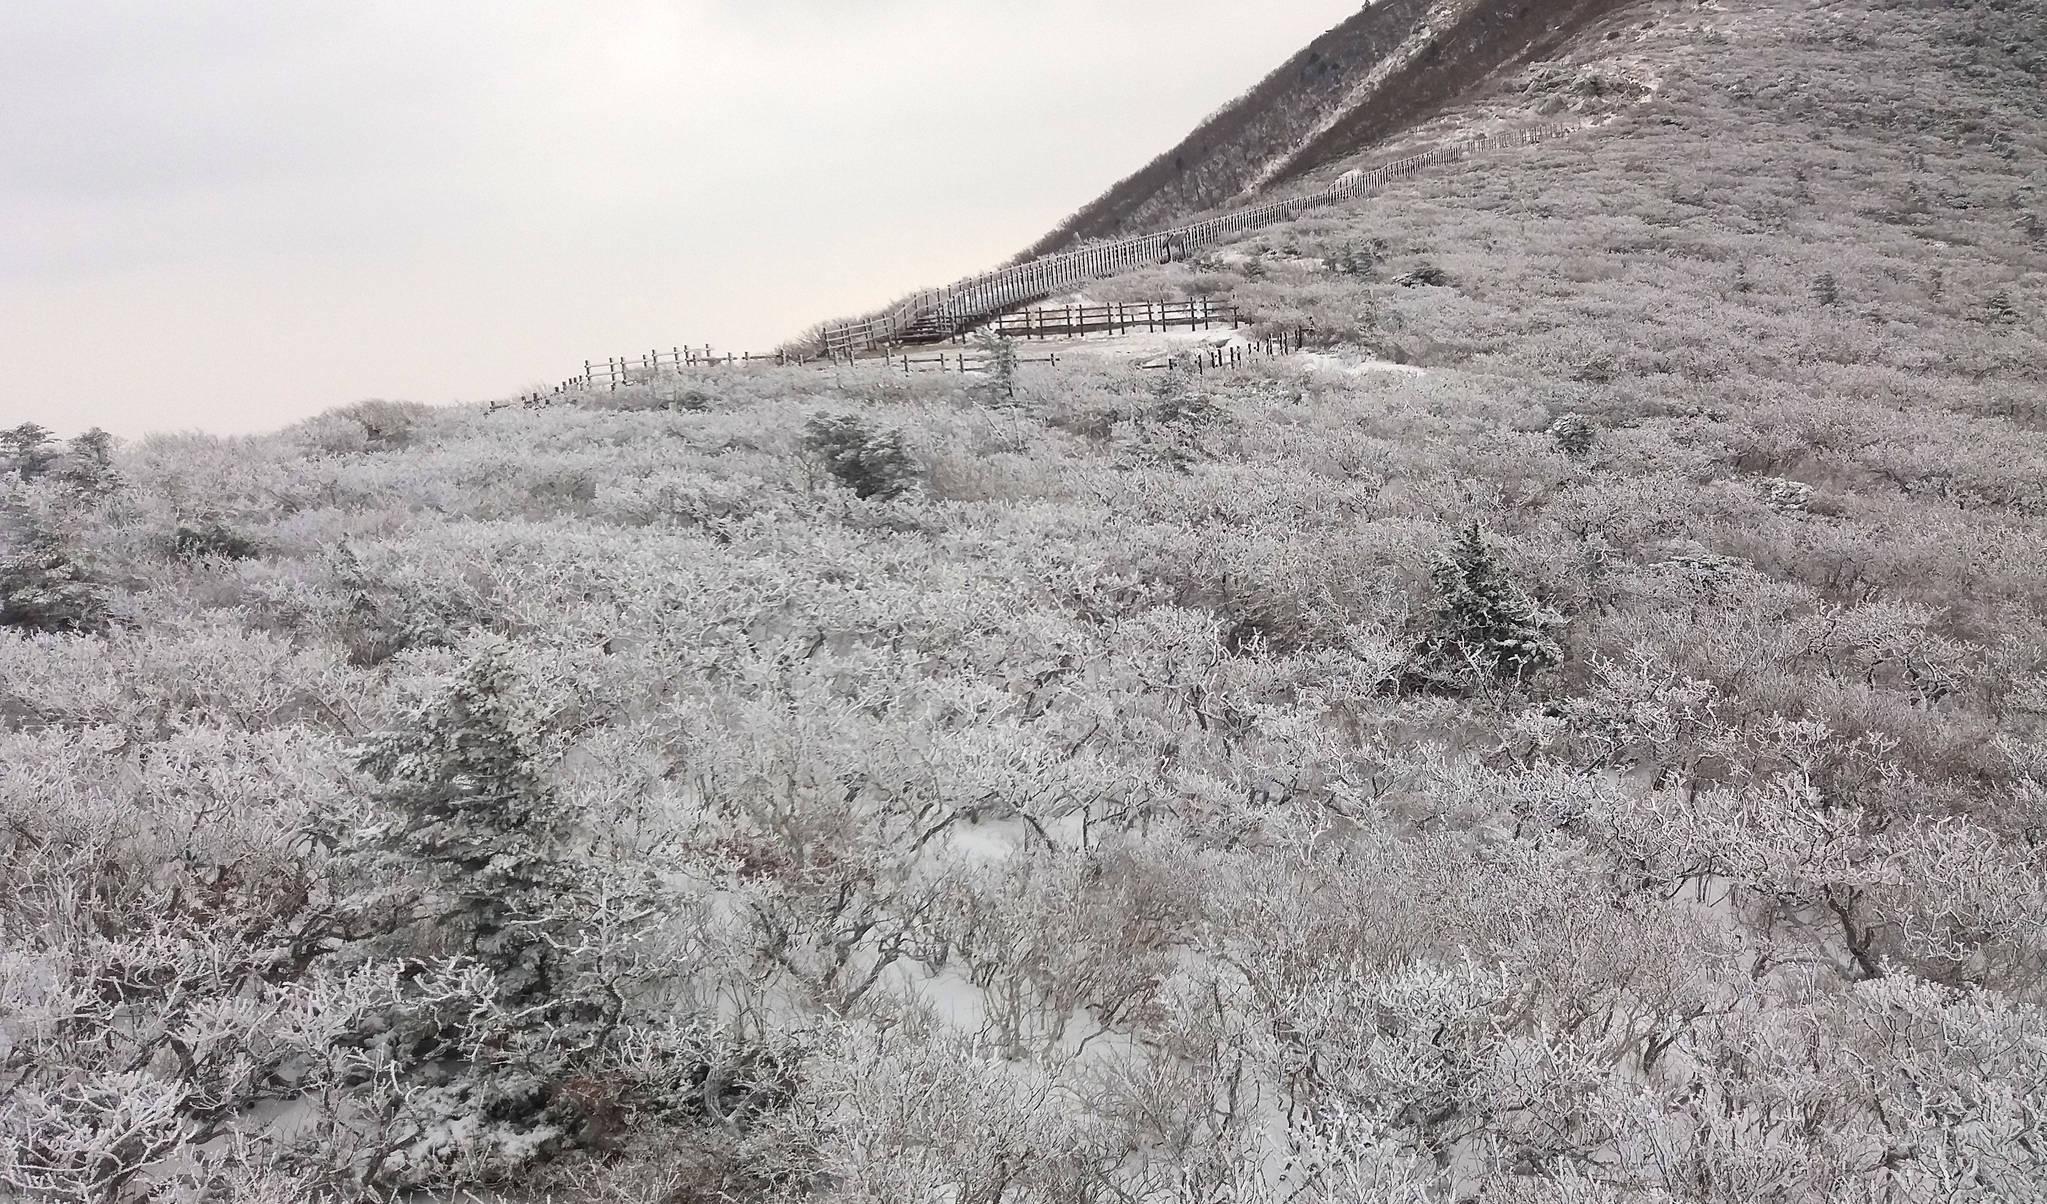 26일 강원 속초시 중청대피소에서 바라본 설악산 국립공원이 밤새 내린 눈으로 상고대가 활짝 펴 절경을 이루고 있다. [설악산국립공원사무소=연합뉴스]